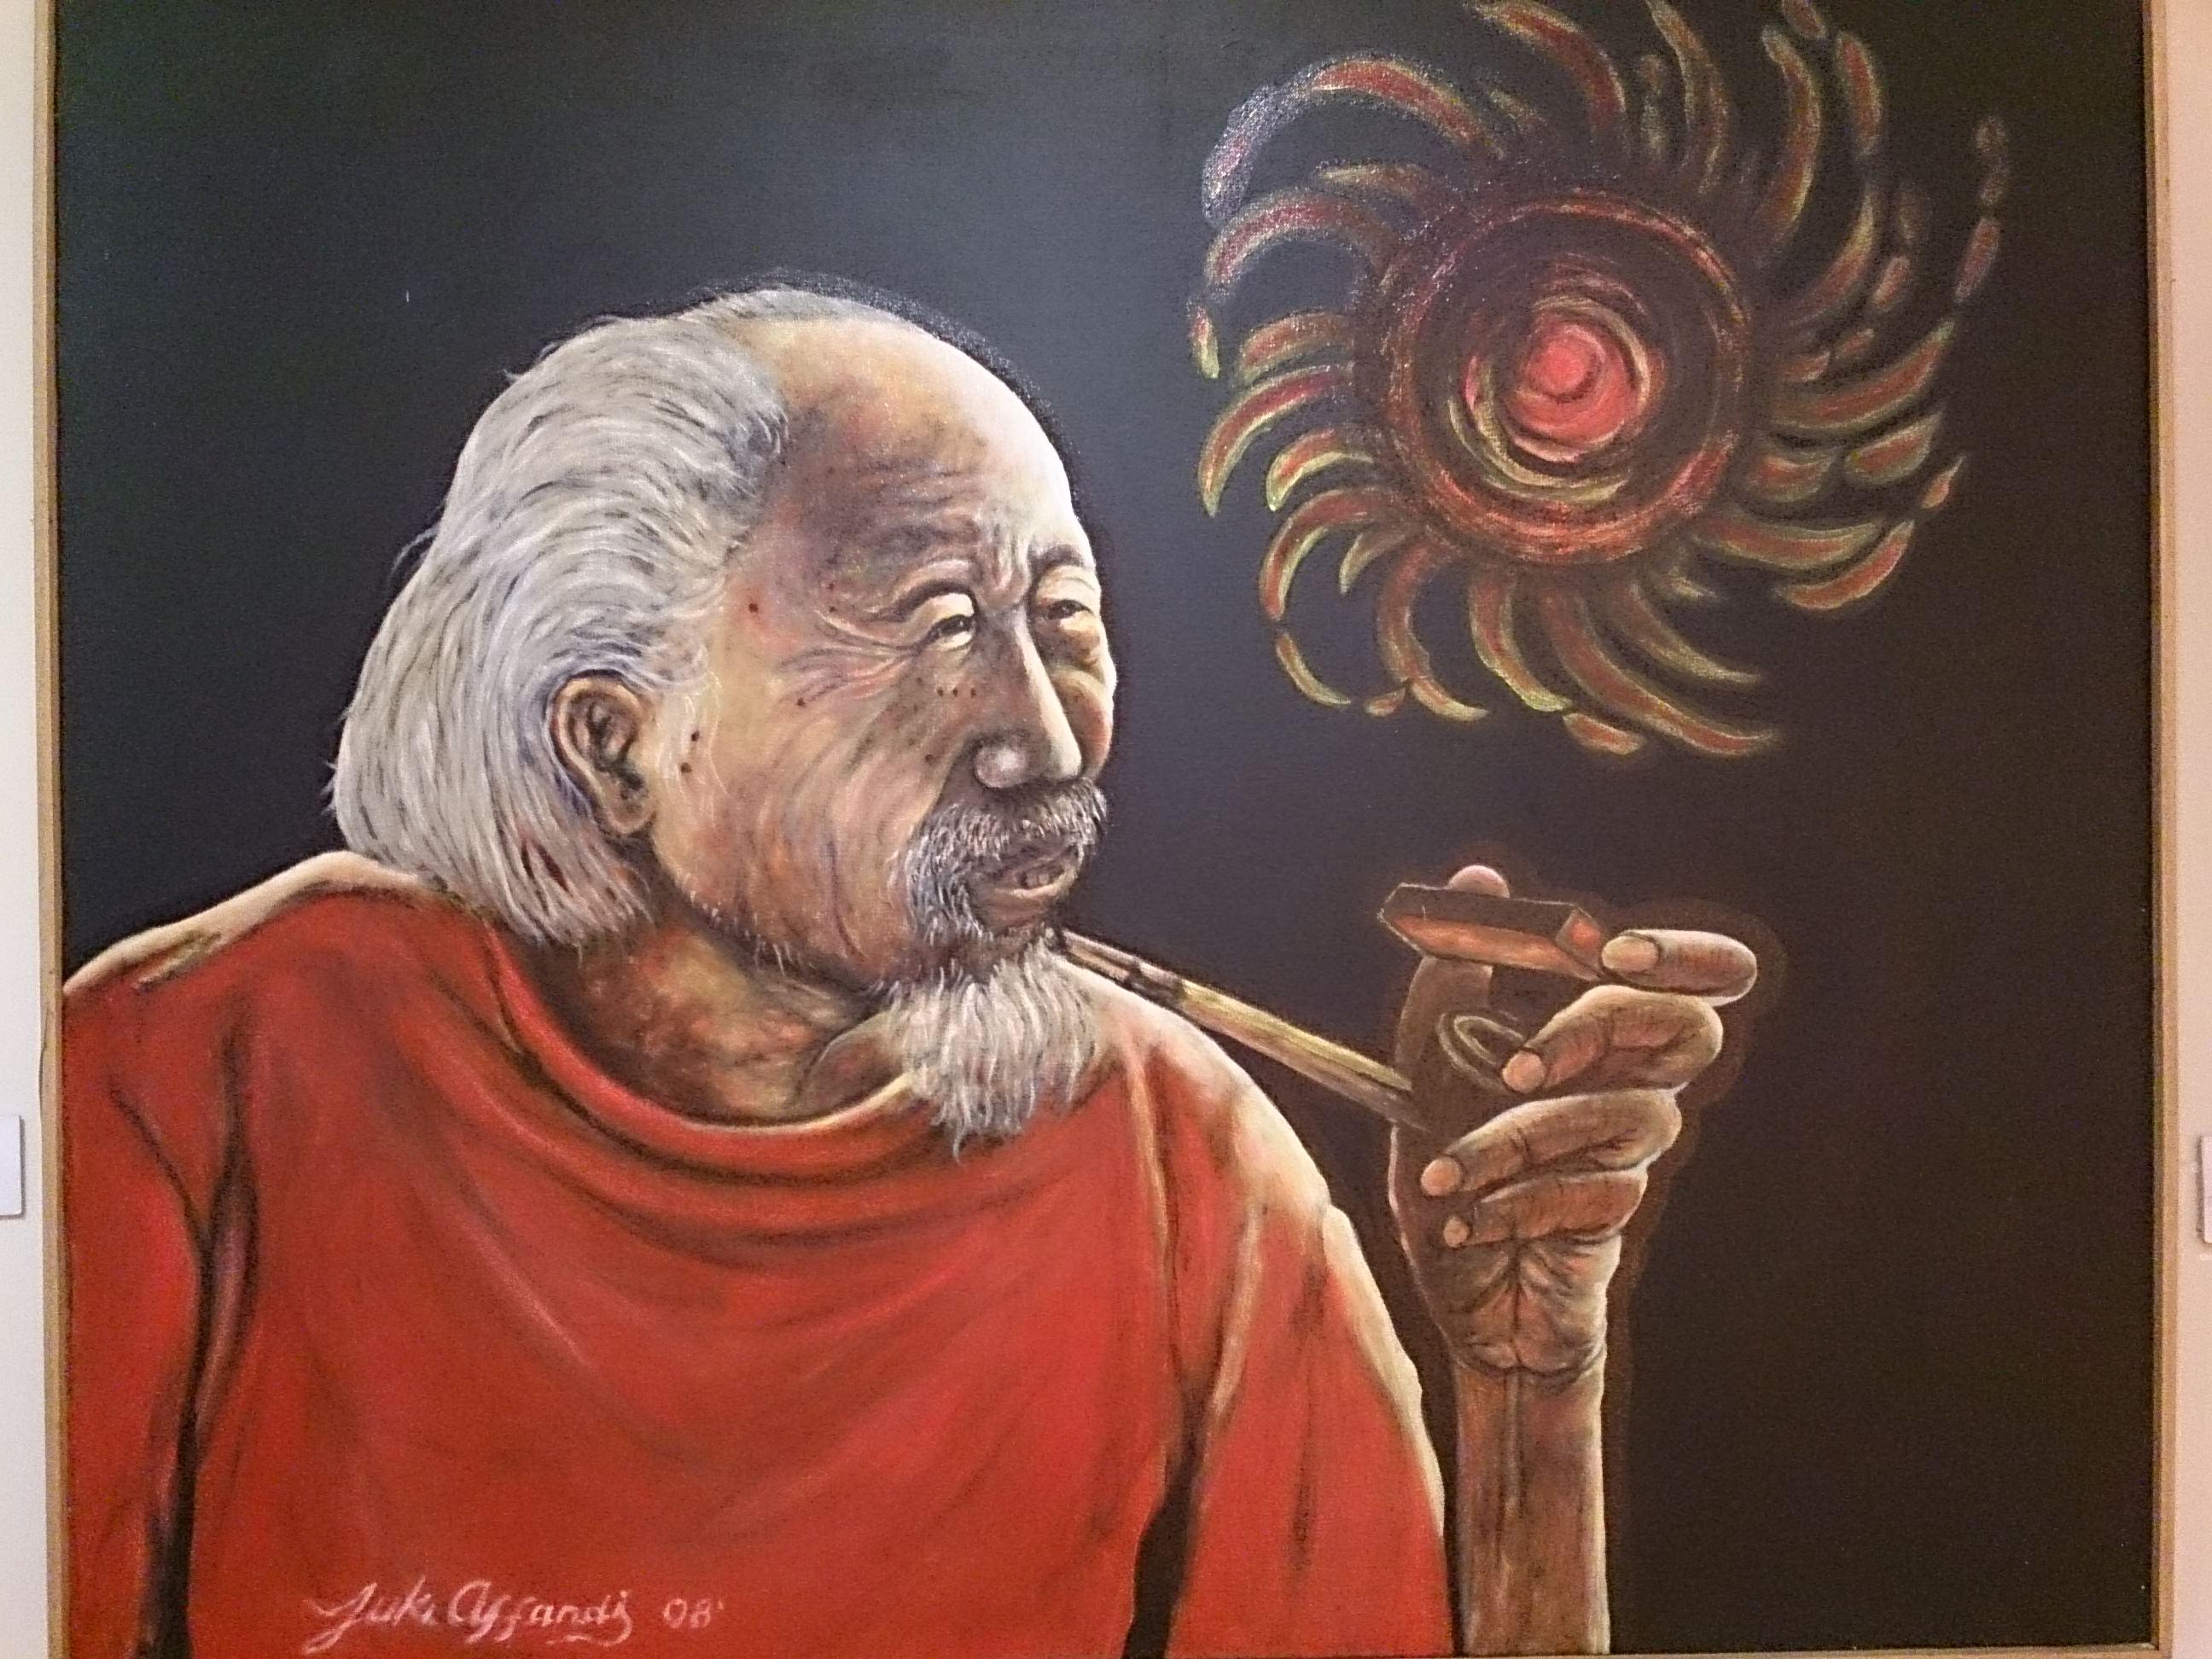 インドネシア近代絵画界の巨匠・アファンディ氏の美術館